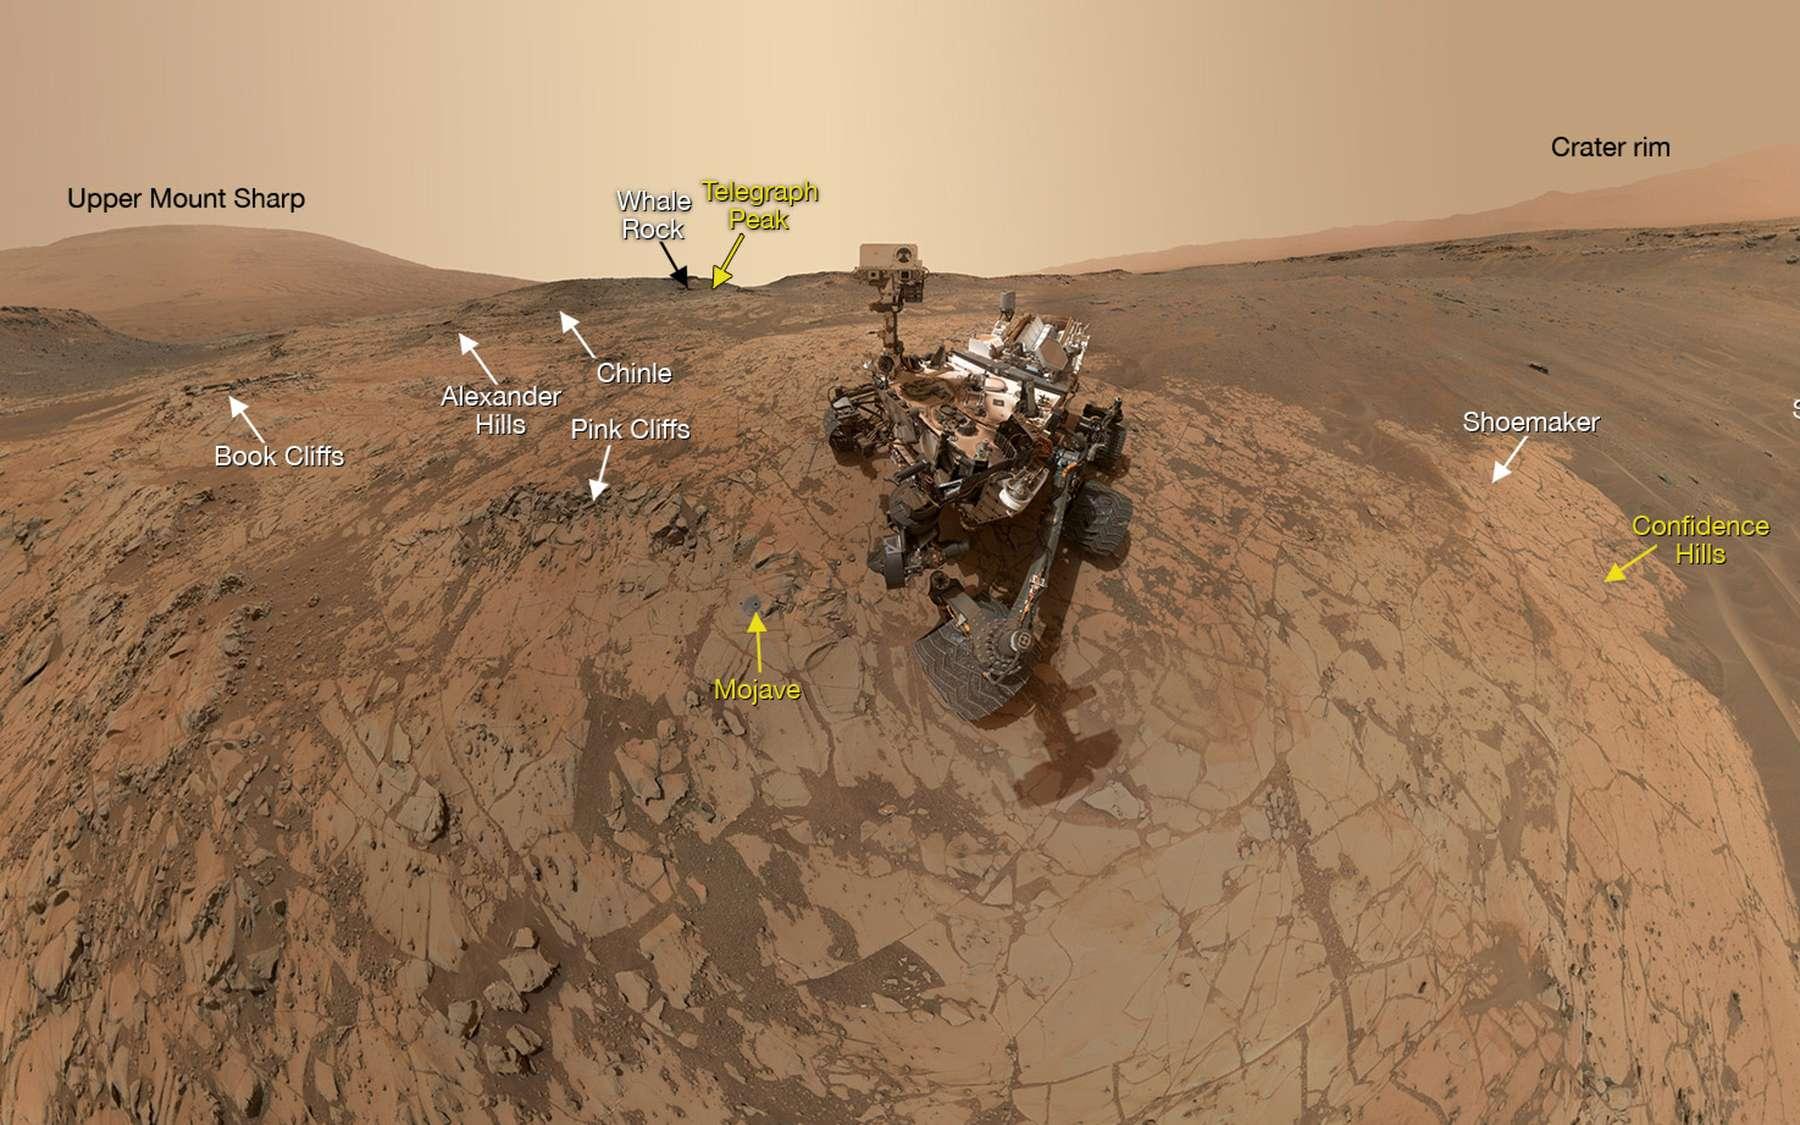 Le rover Curiosity se situe actuellement sur Pahrump Hills. En jaune les dispositifs géologiques déjà étudiés. © Nasa, JPL